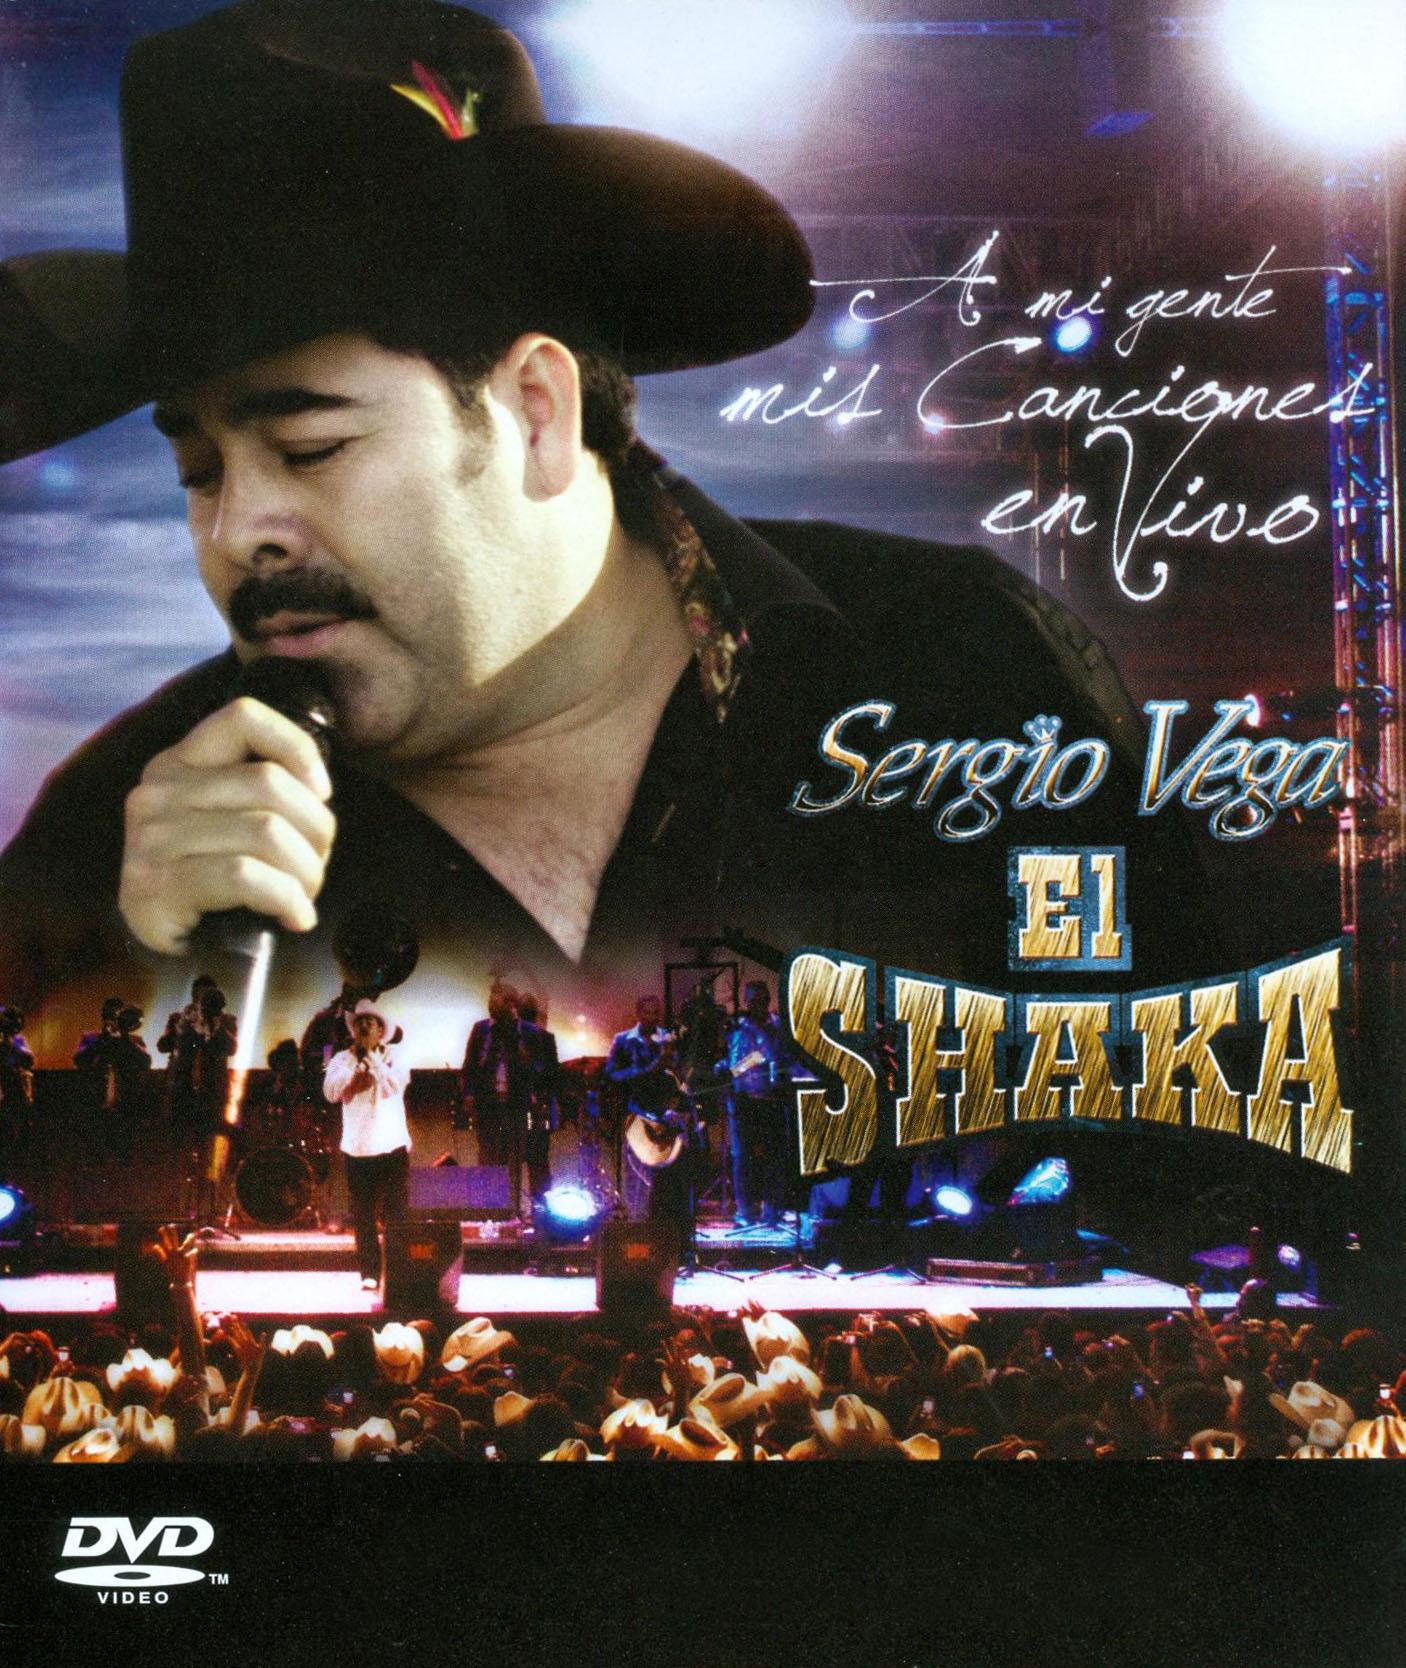 sergio vega el shaka a mi gentemis canciones en vivo